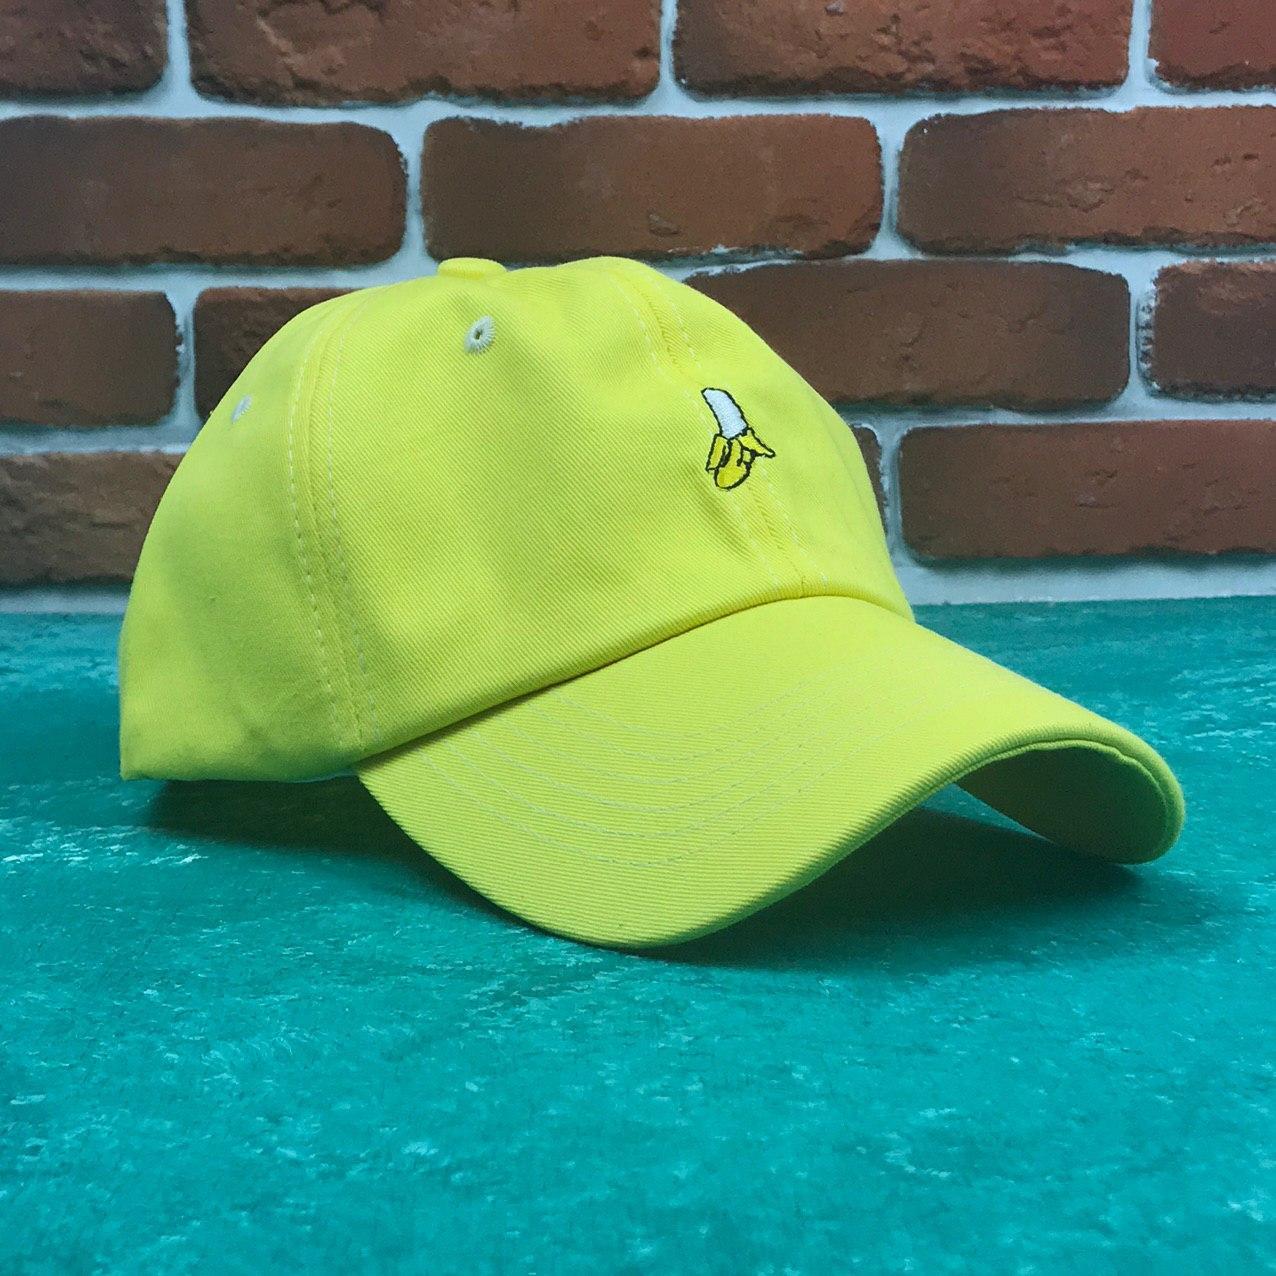 Кепка Бейсболка Мужская Женская City-A Fresh Fruit с Бананом Желтая